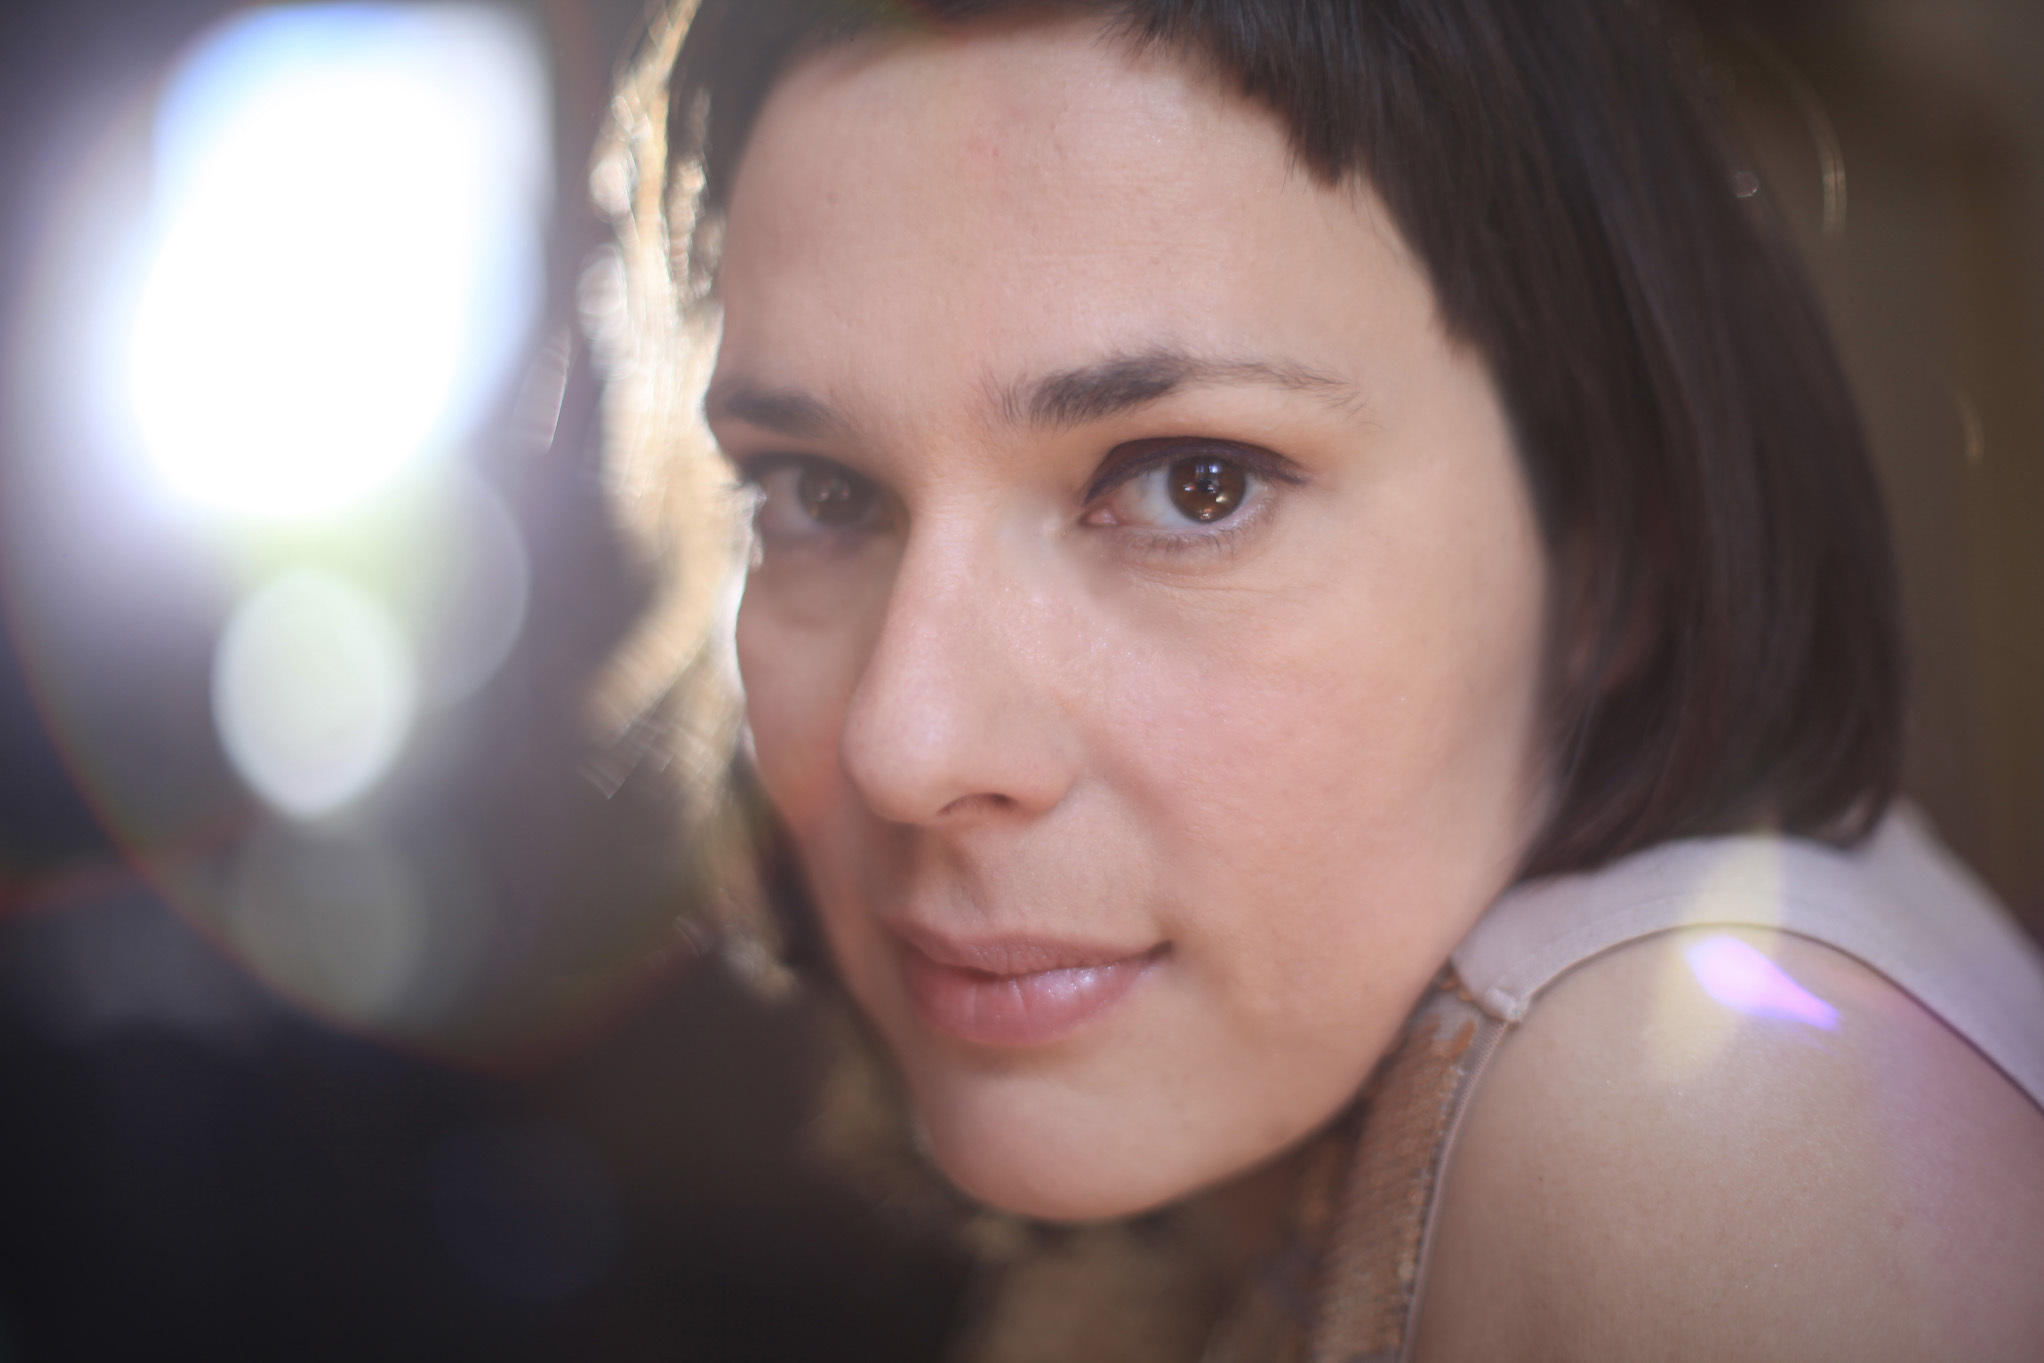 Laetitia Sadier + Deradoorian